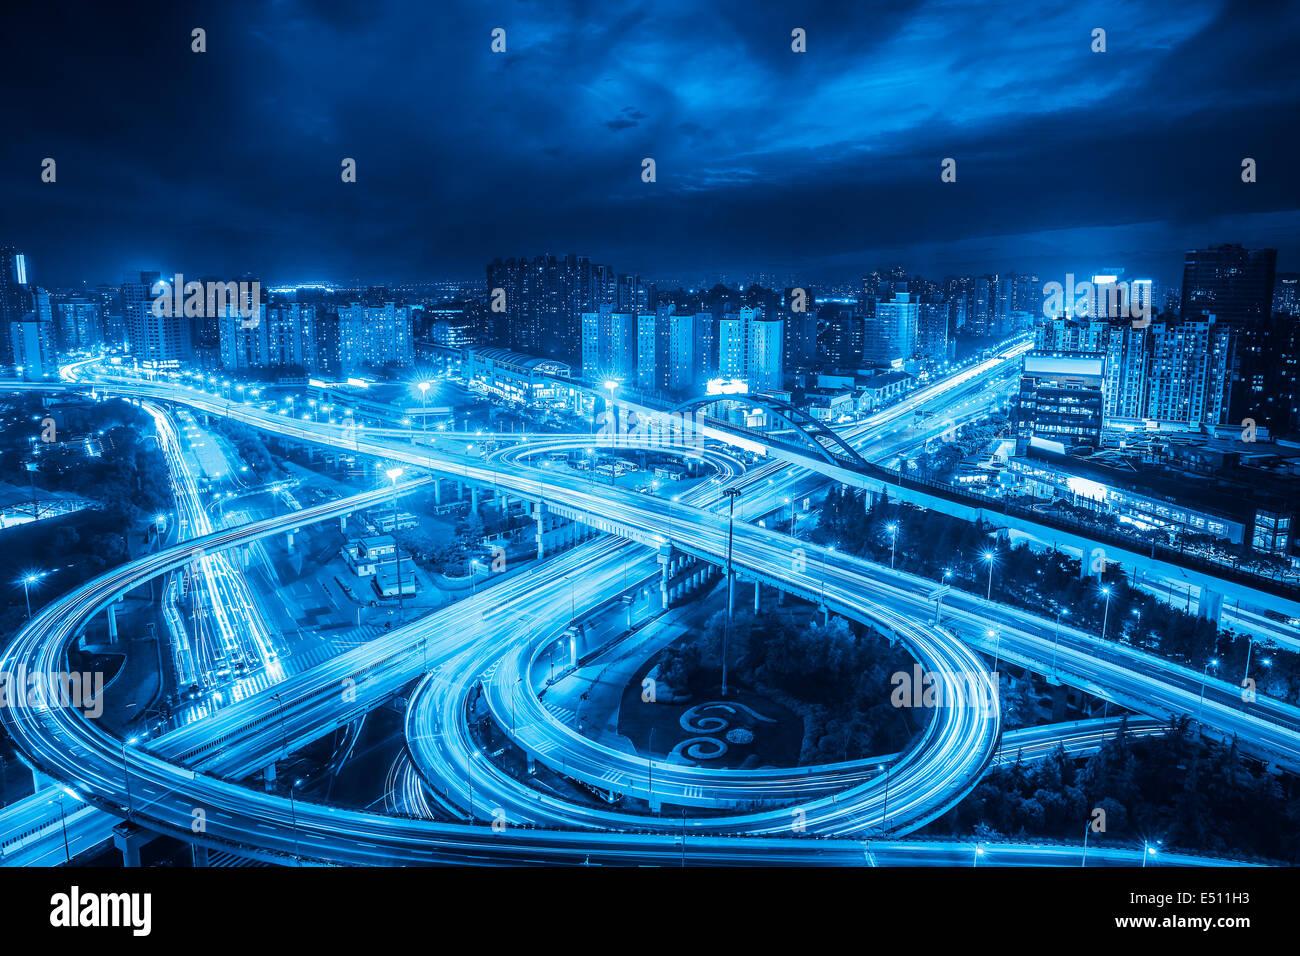 Ciudad interchange viaducto Imagen De Stock